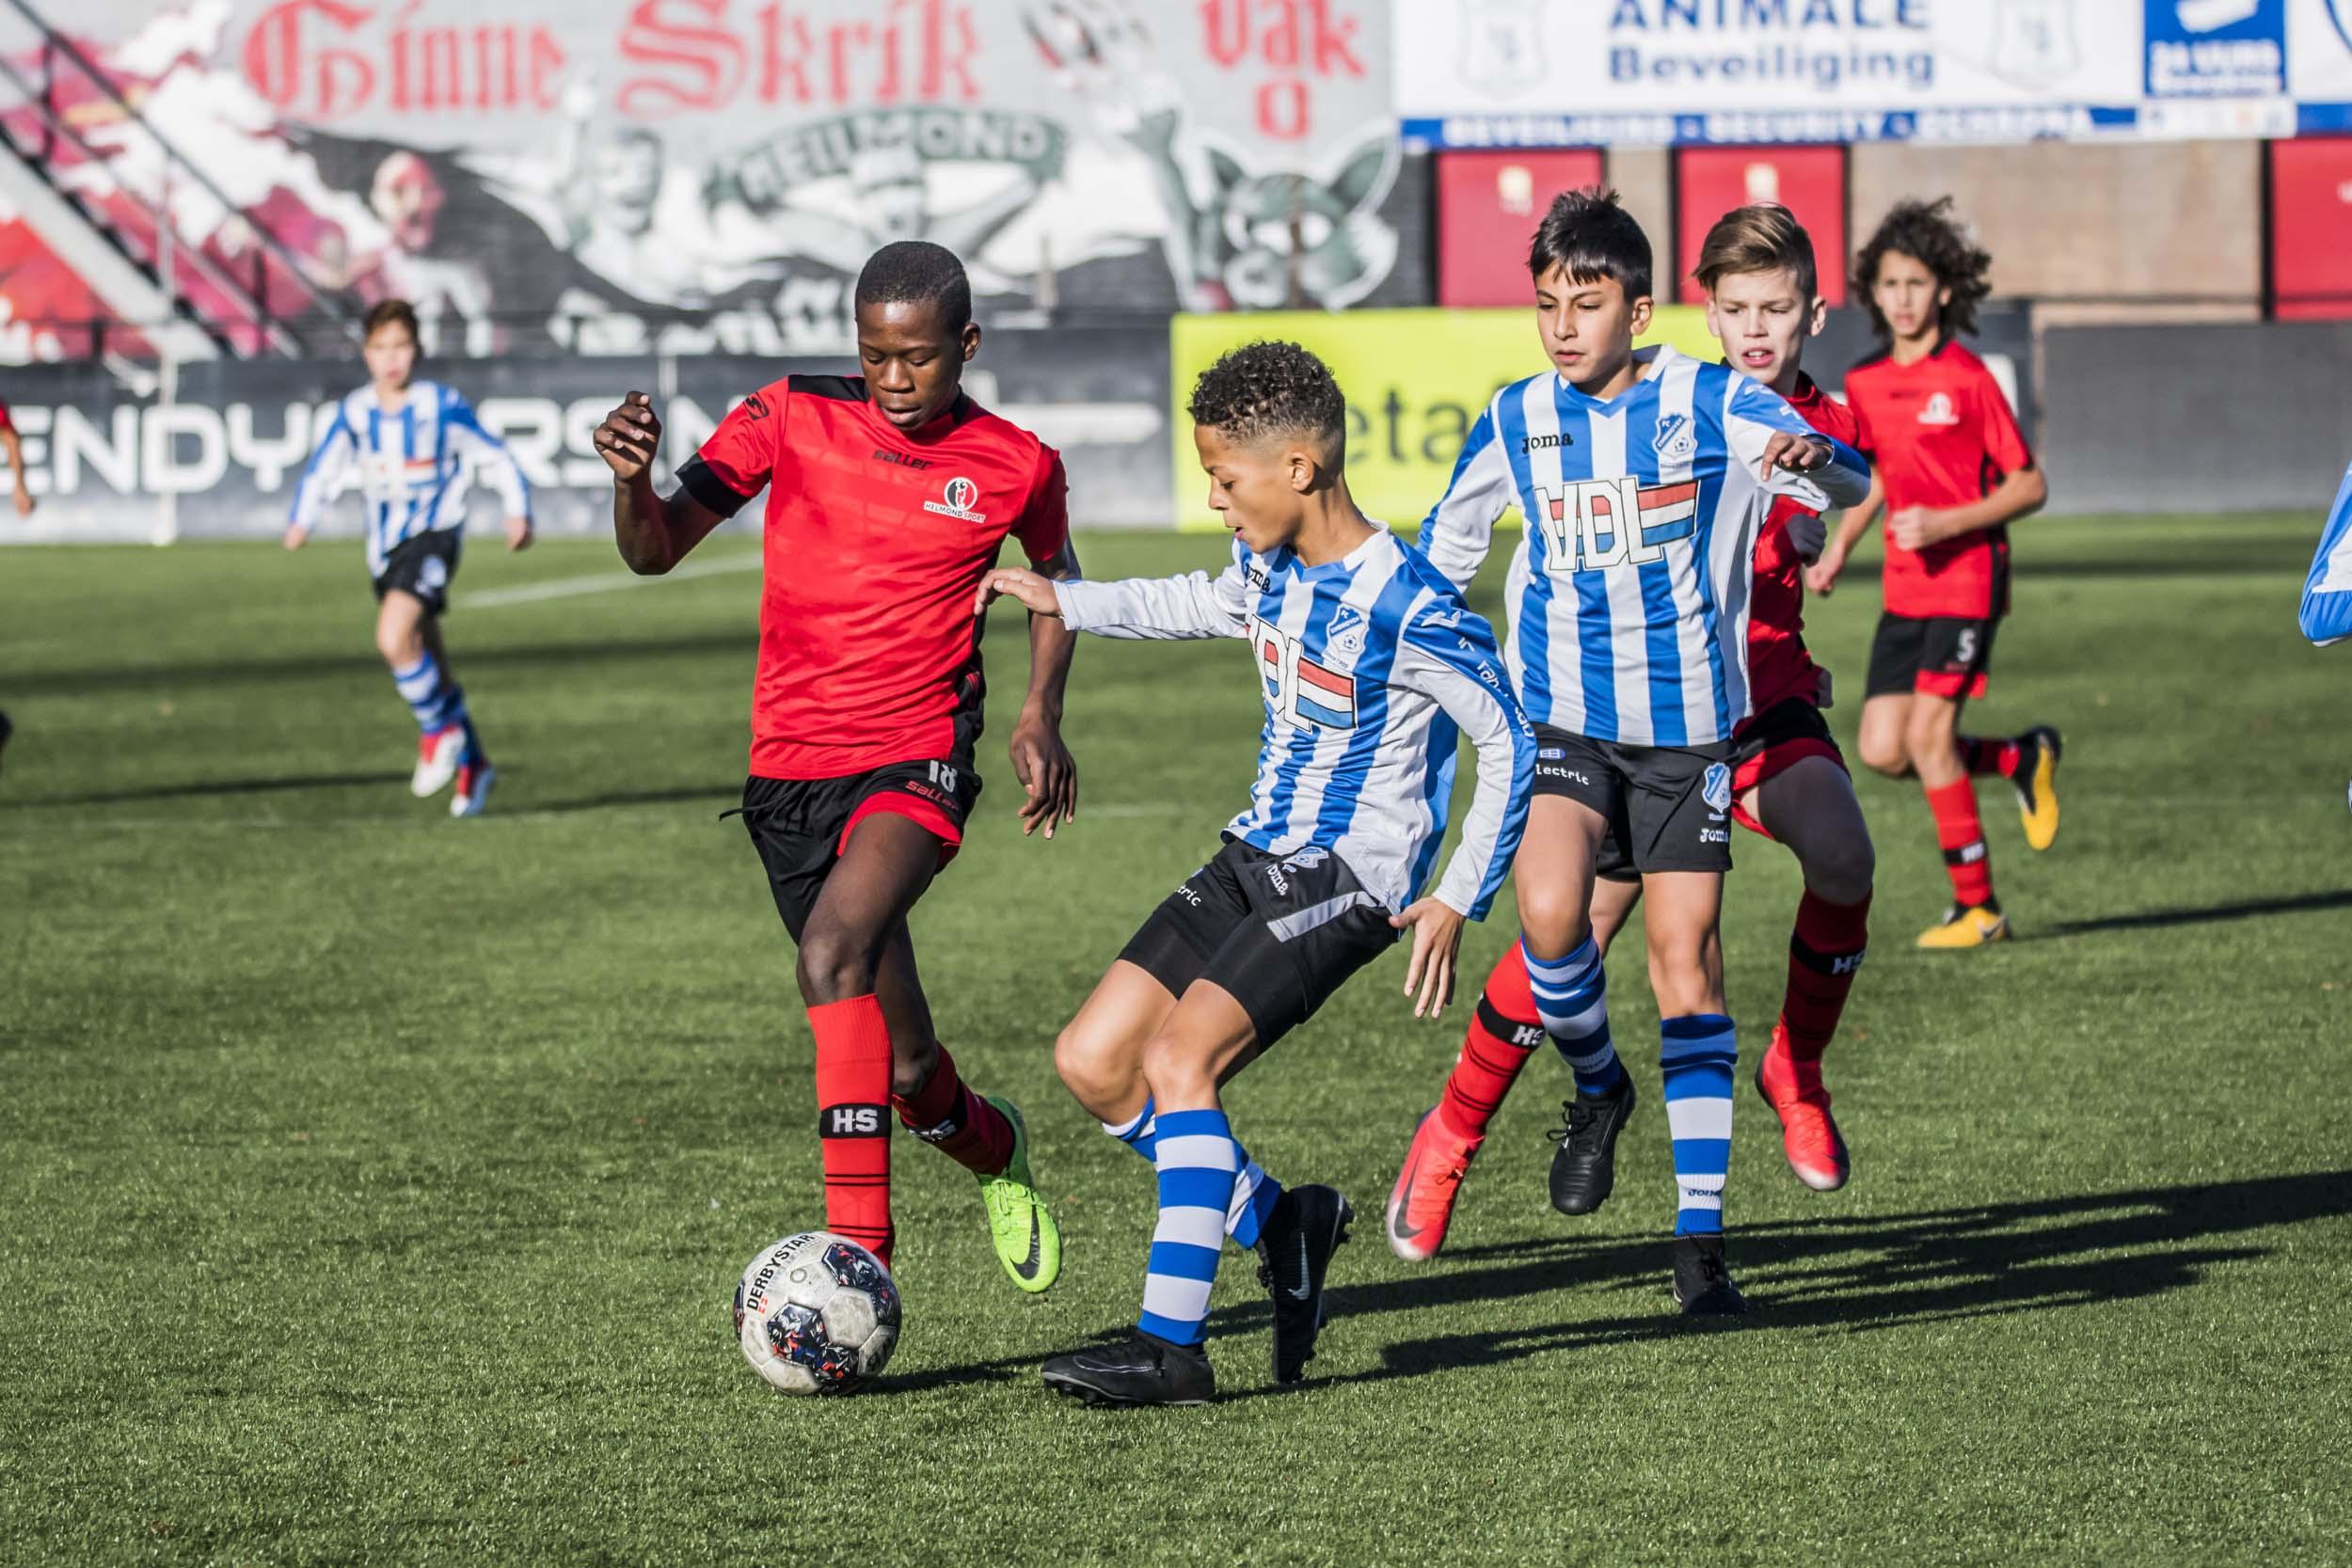 Voetballende jongens